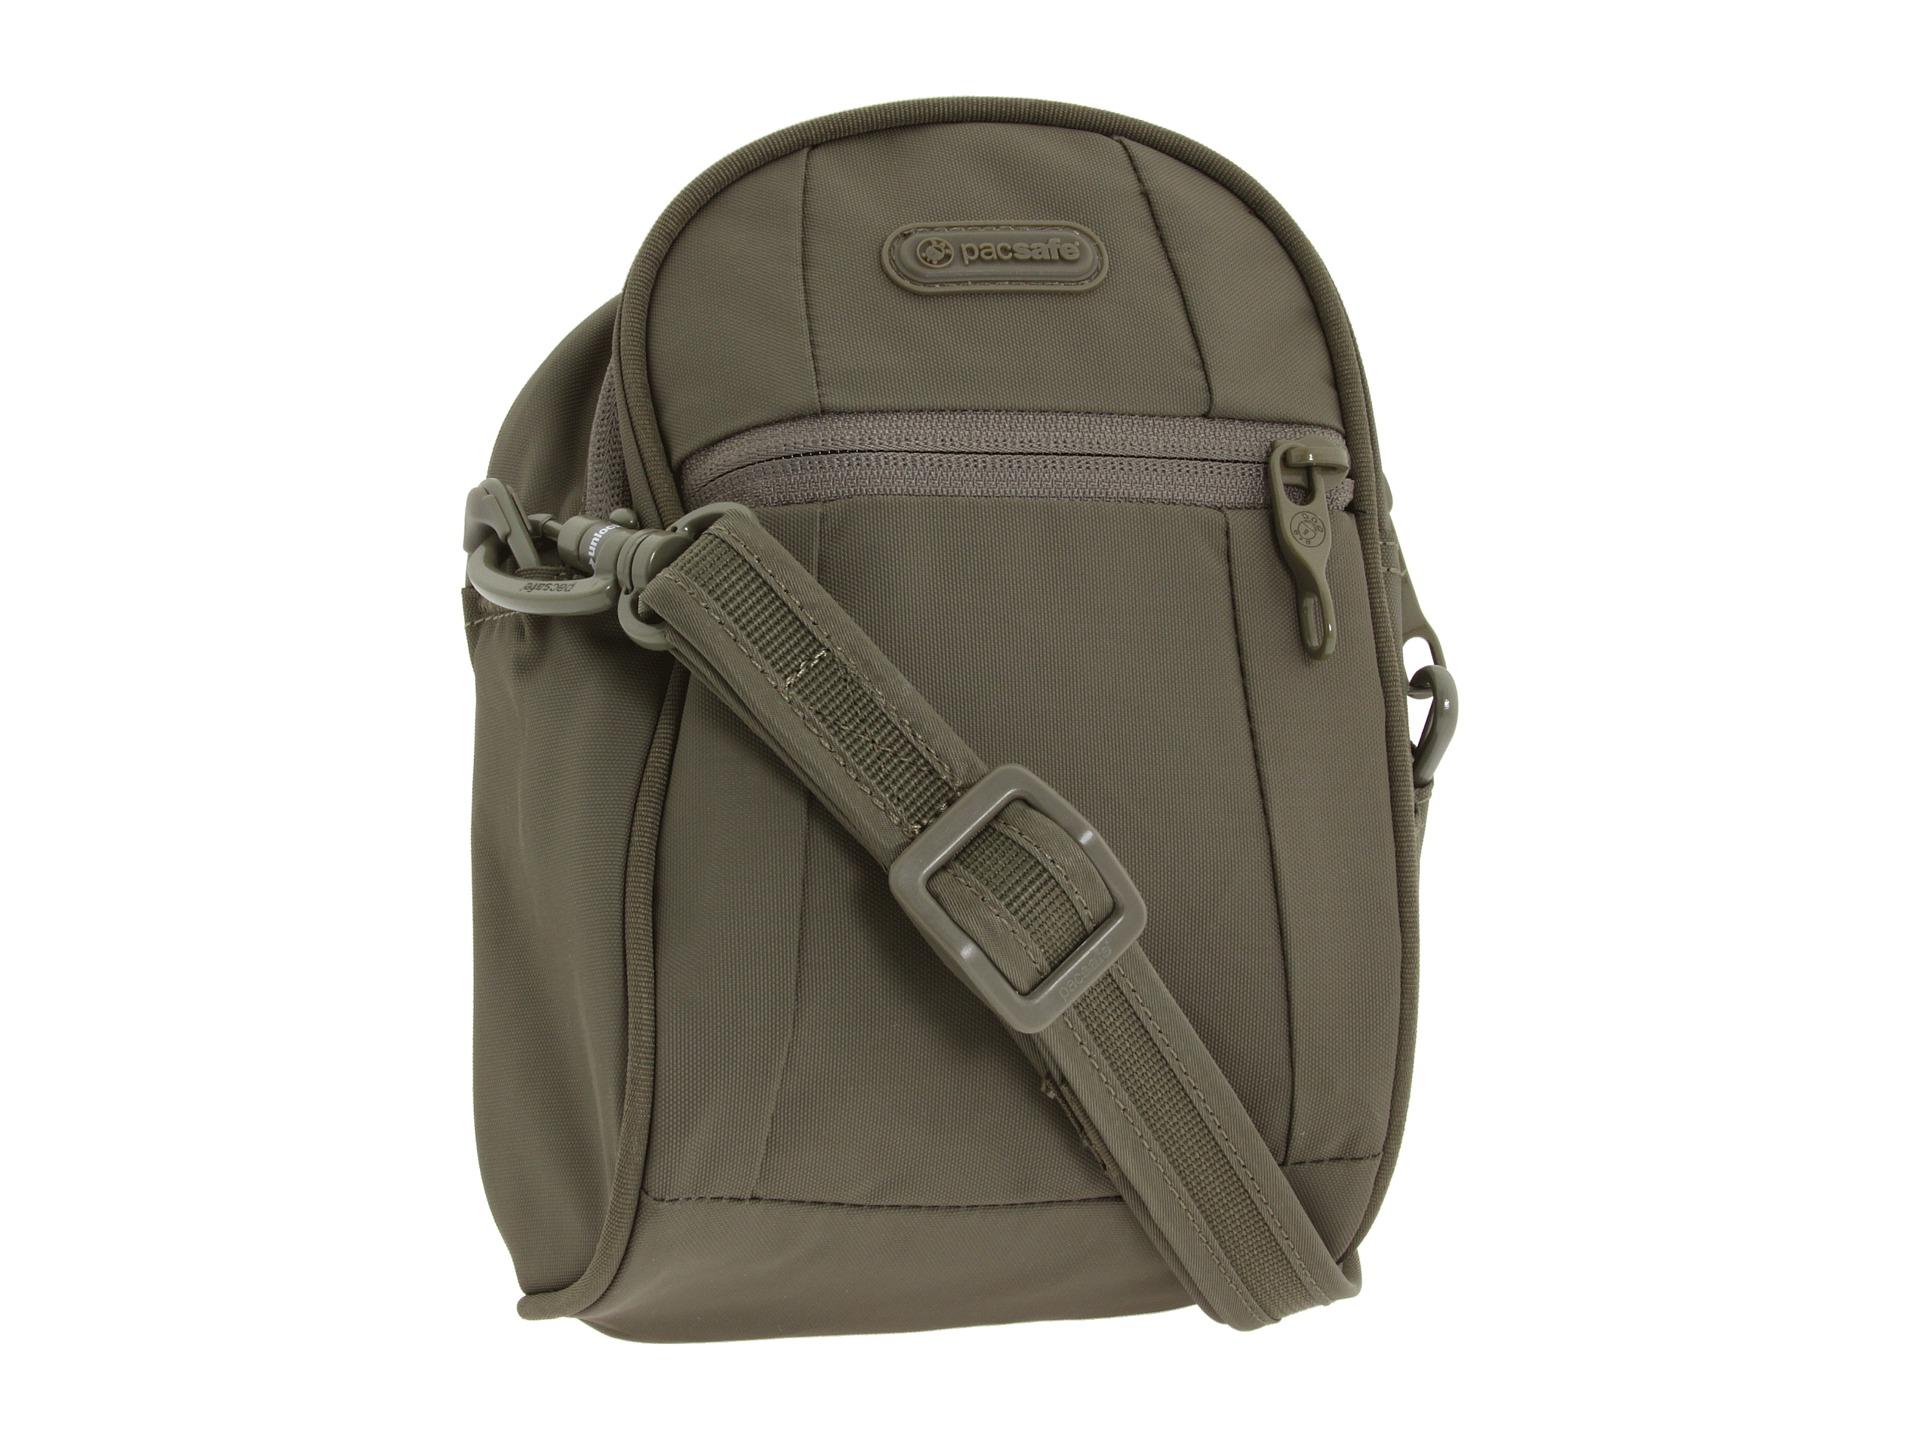 Pacsafe Metrosafe Hip Shoulder Bag Black 32